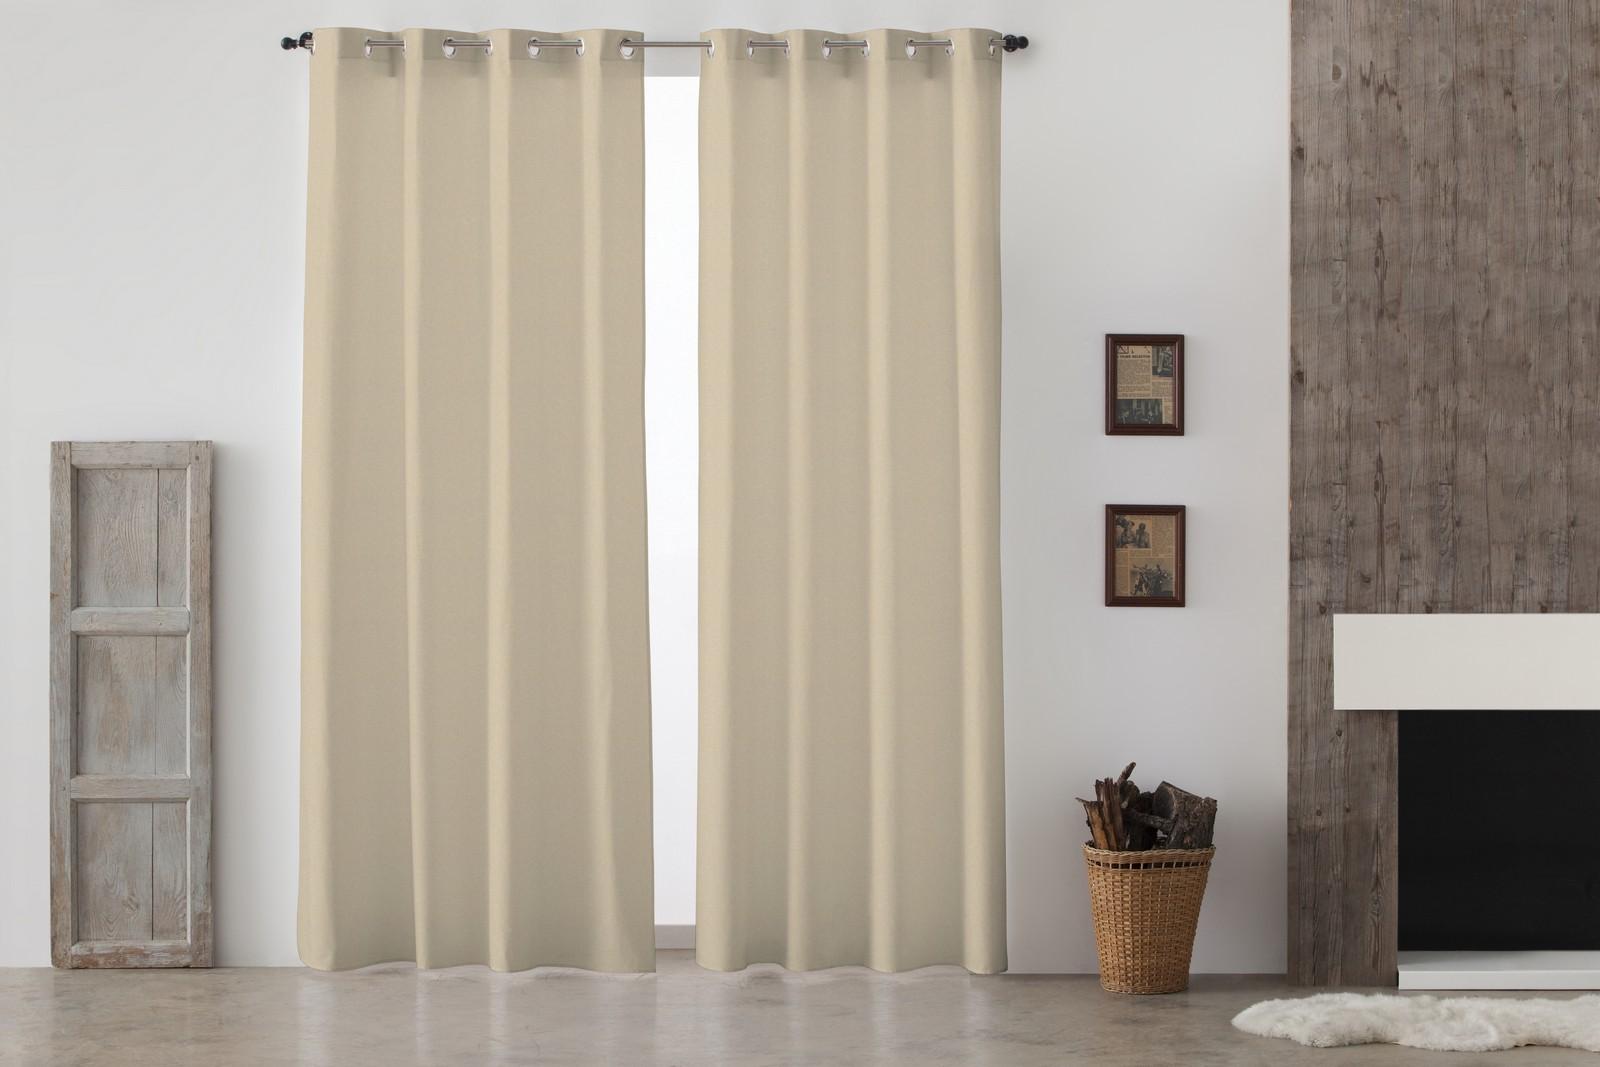 venta online de cortinas vintage de calidad al mejor